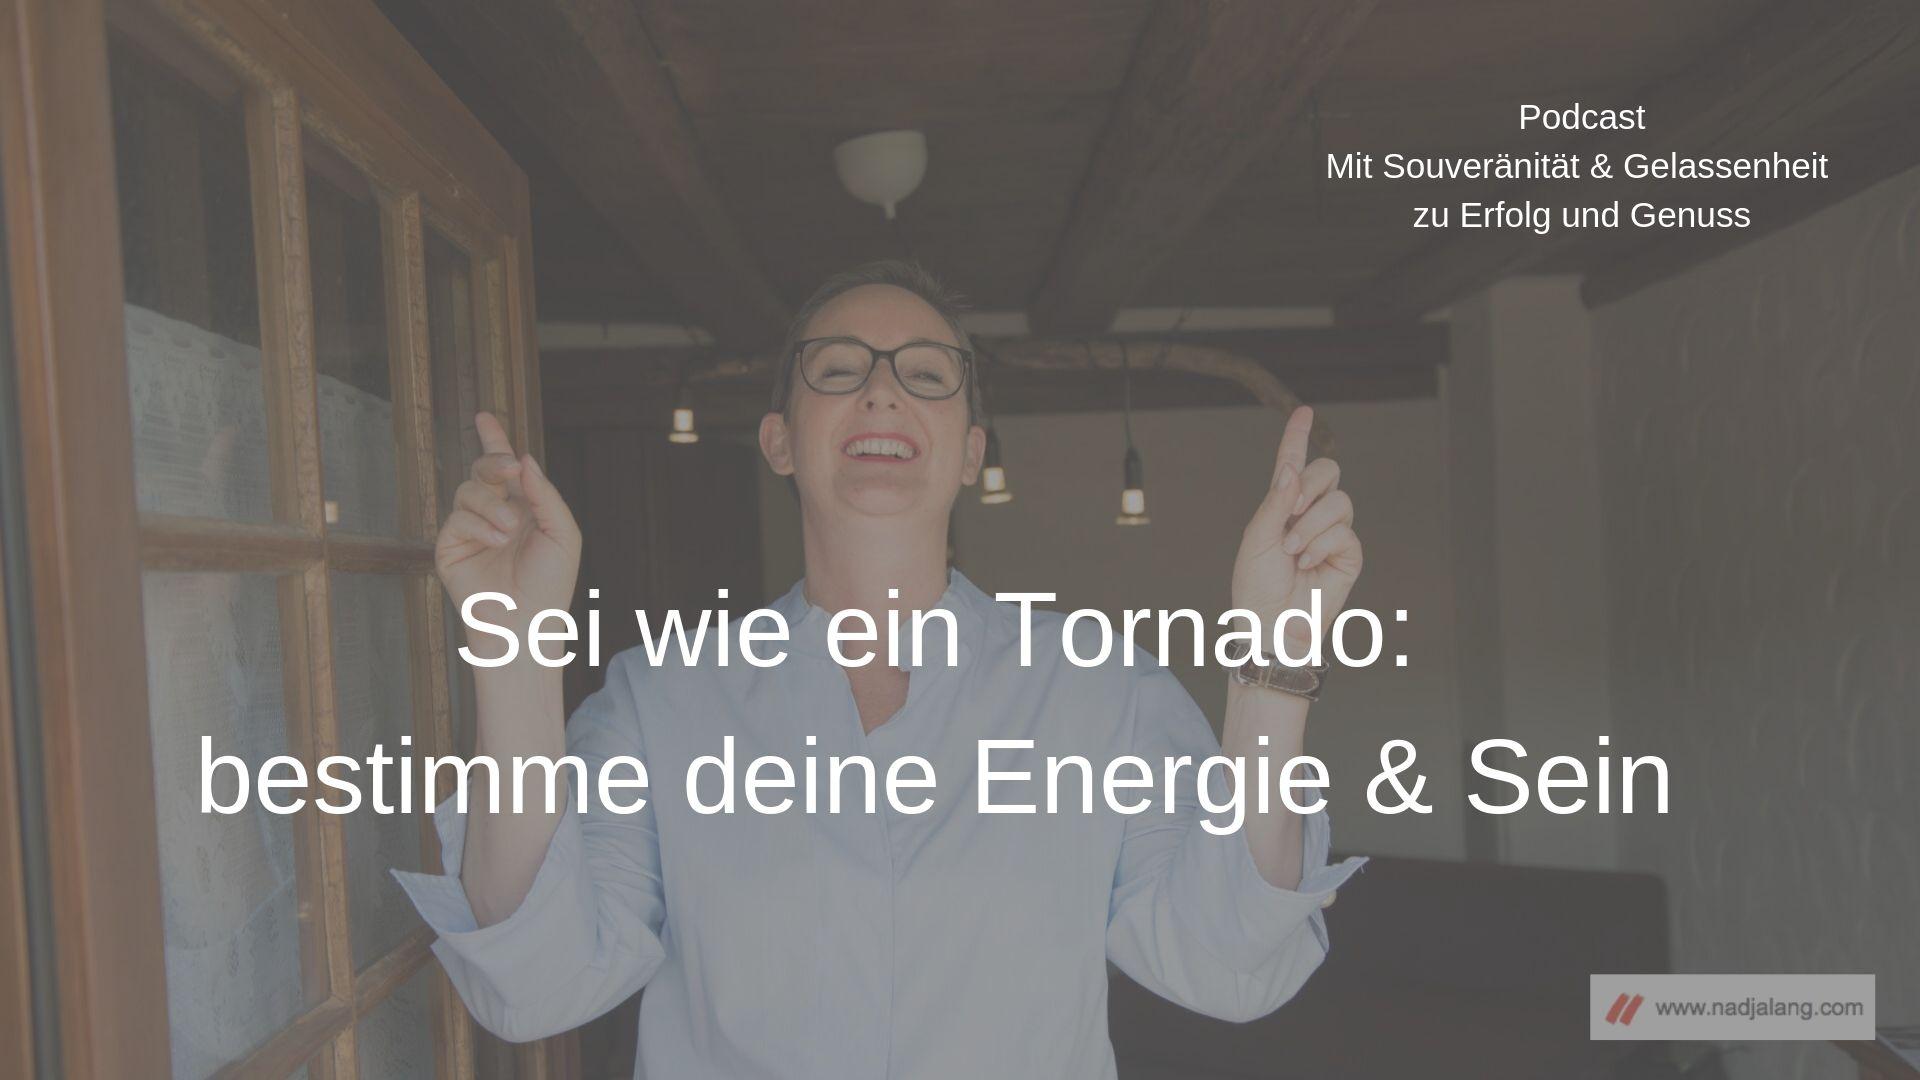 047 Sei wie ein Tornado: bestimme deine Energie.jpg